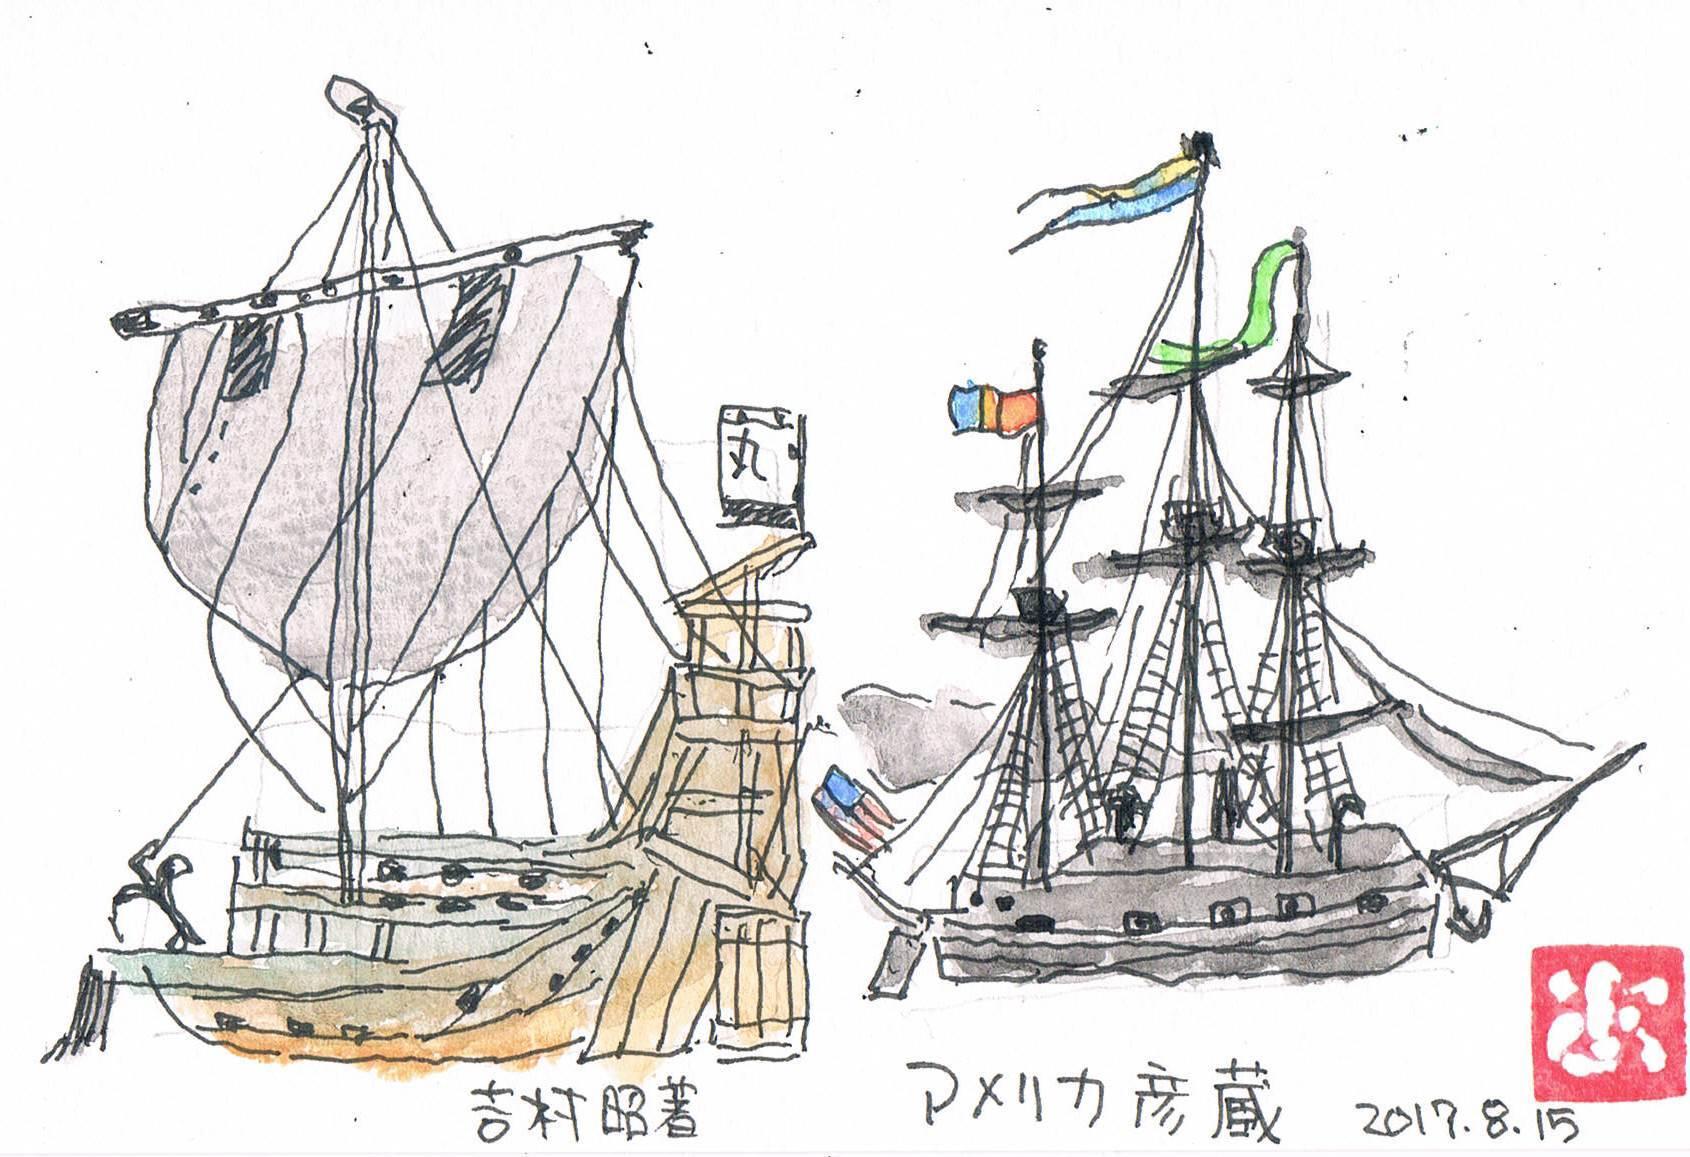 アメリカ彦蔵_e0232277_11323523.jpg